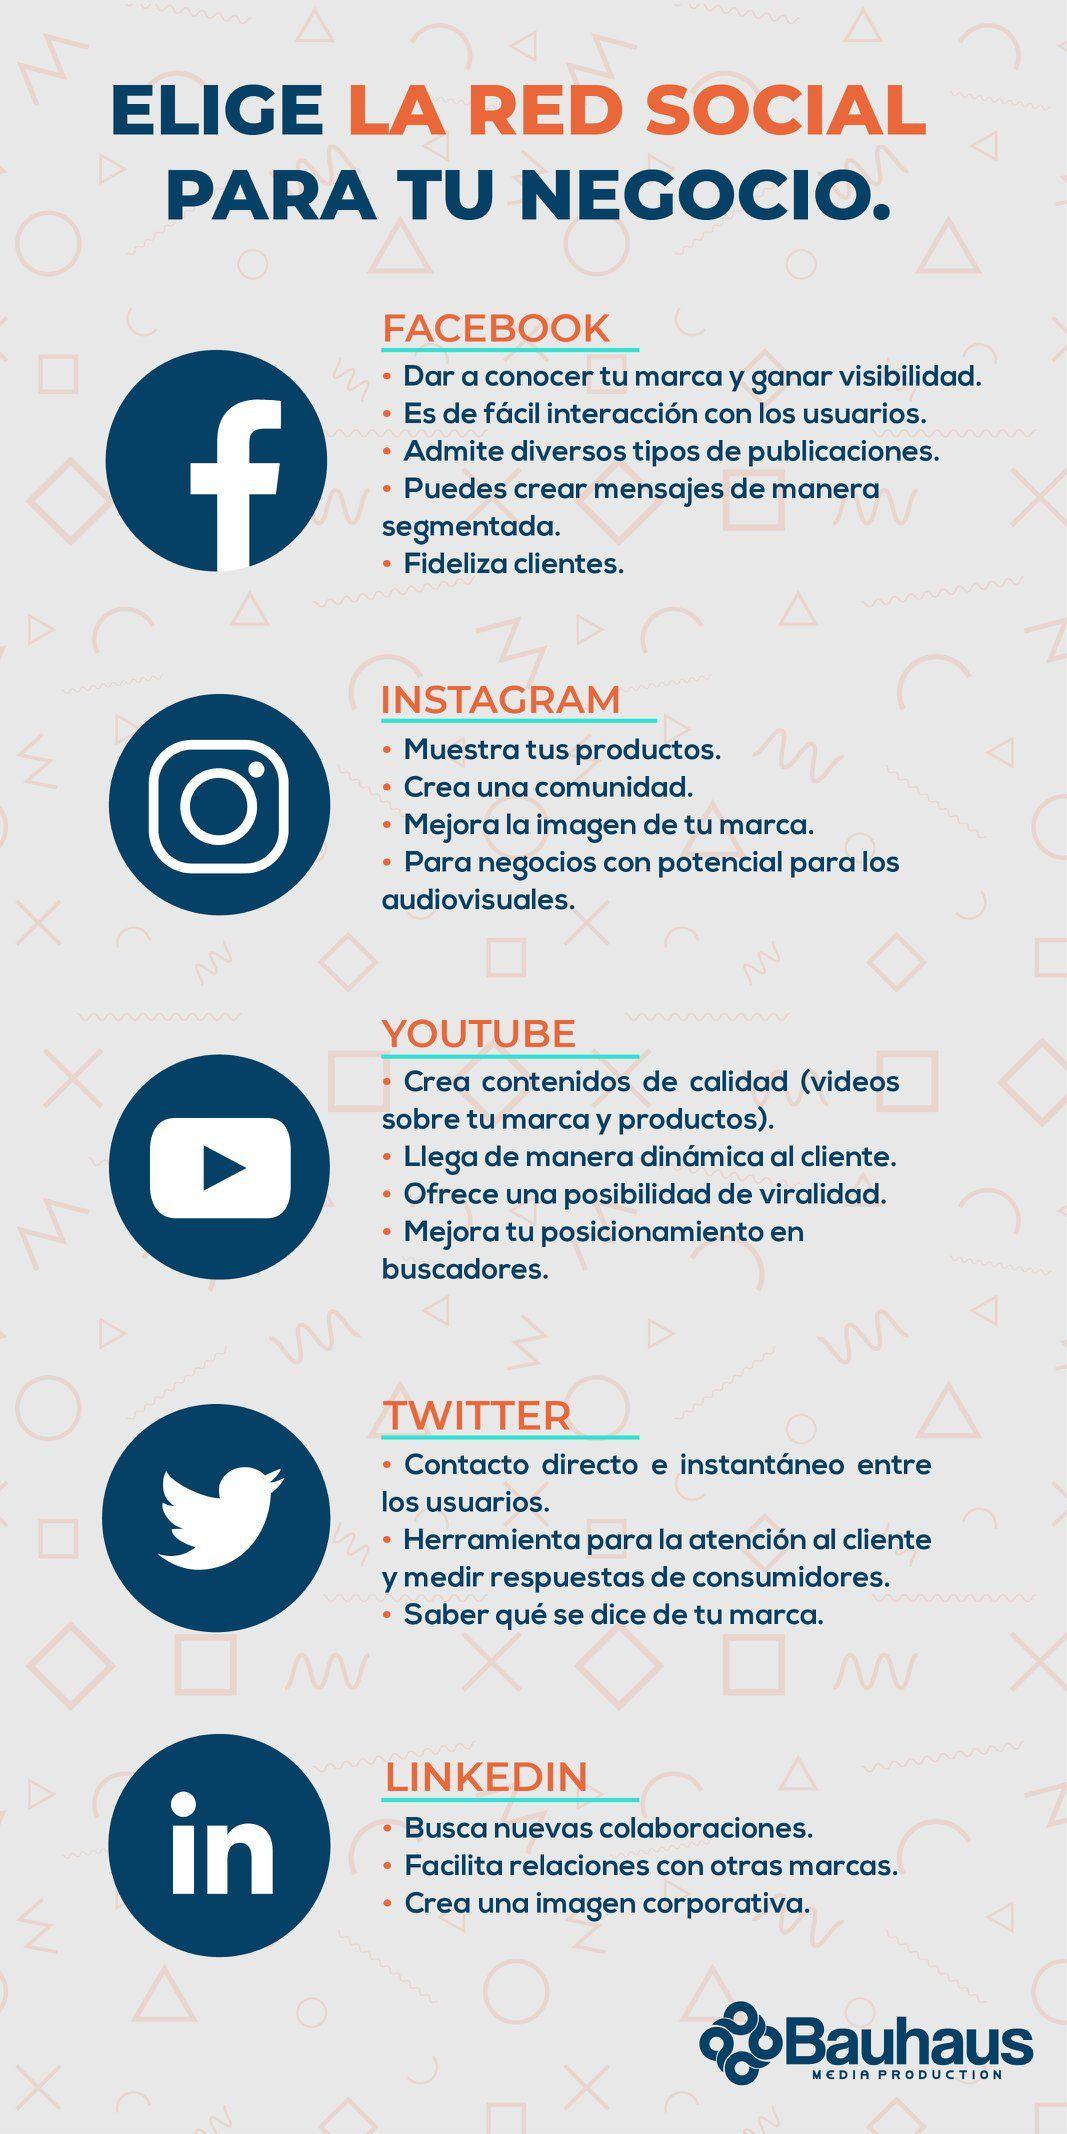 Elige La Redsocial Para Tu Negocio Consejos Para Redes Sociales Socialismo Mercadotecnia En Medios Sociales